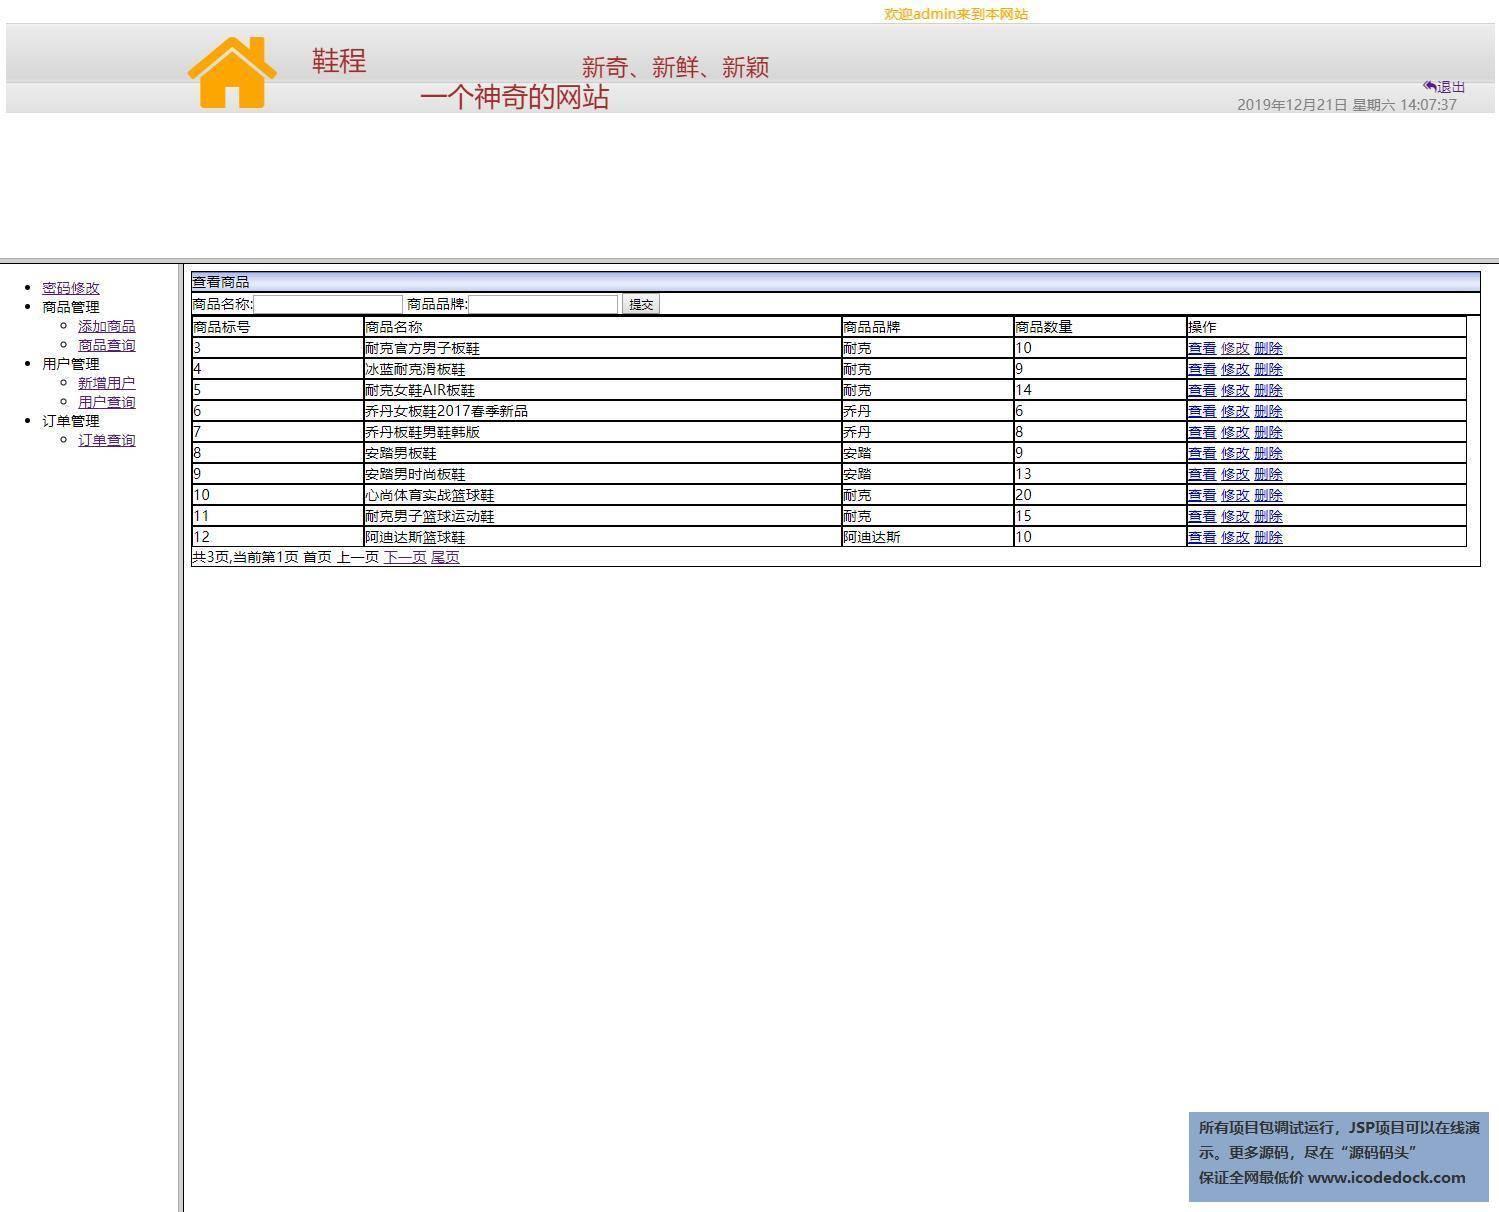 源码码头-JSP鞋子商城销售网站-管理员角色-商品查询